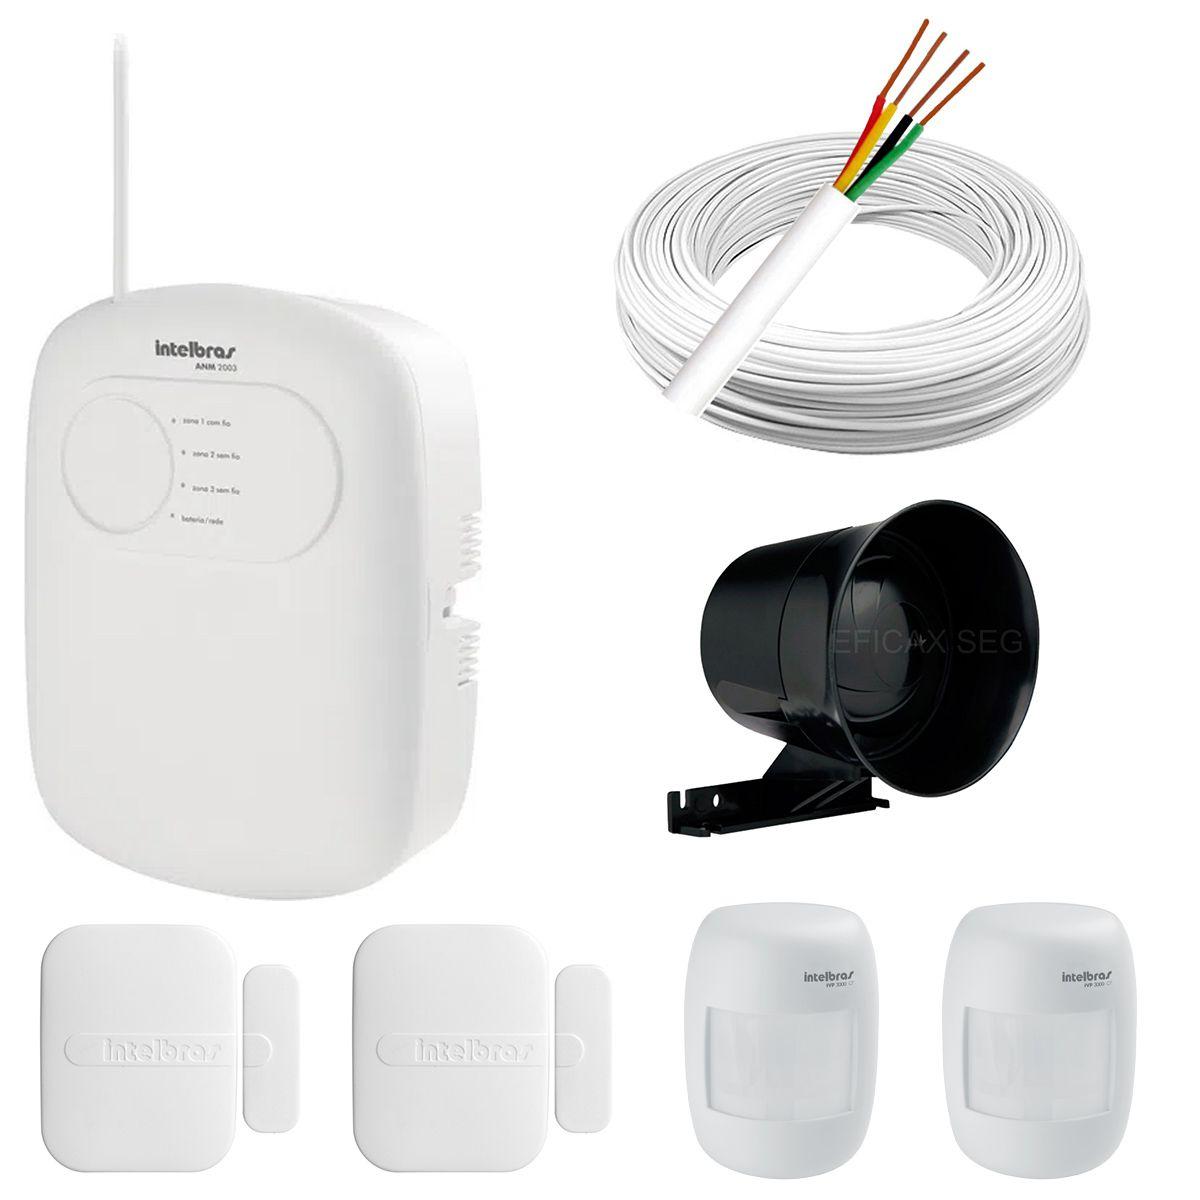 Kit de Alarme Intelbras Anm 2003 + 02 Sensores Com Fio Intelbras IVP 3000CF + 02 Sensores Sem Fio Intelbras XAS 4010 + Acessórios